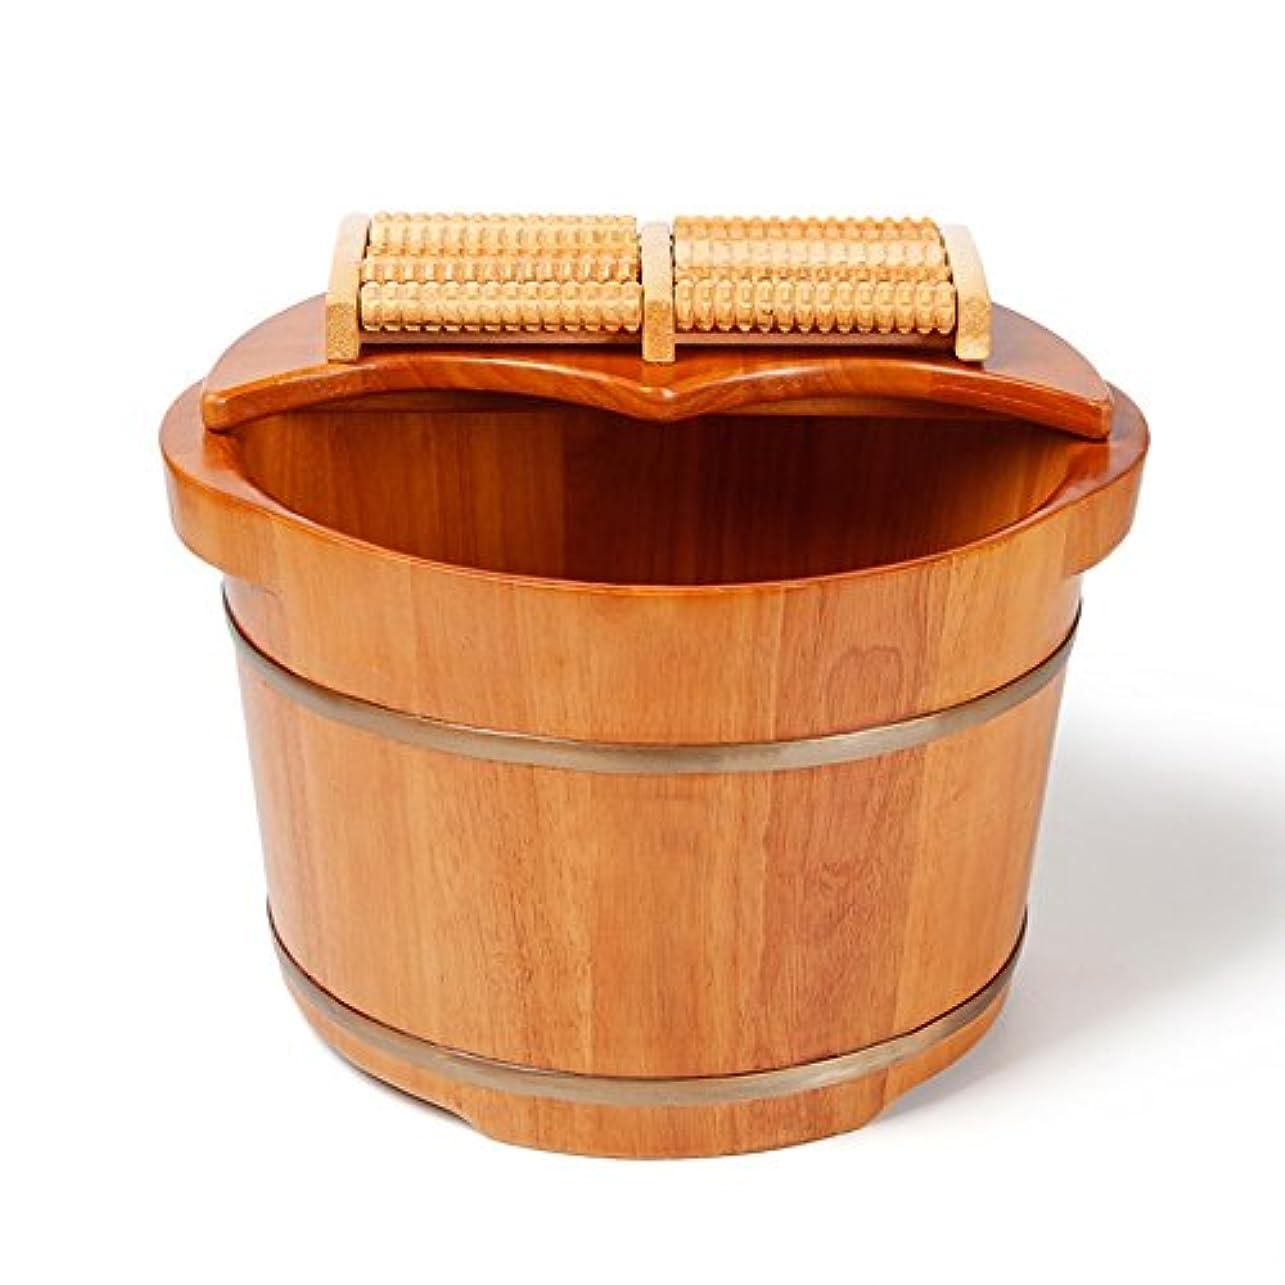 身元干し草薄いC&L 足の浴槽、木製の足の洗面器足のバレルの足のマッサージの足の洗面器カバーの足の浴槽38 * 31 * 26cm ( サイズ さいず : 38*31*26cm )